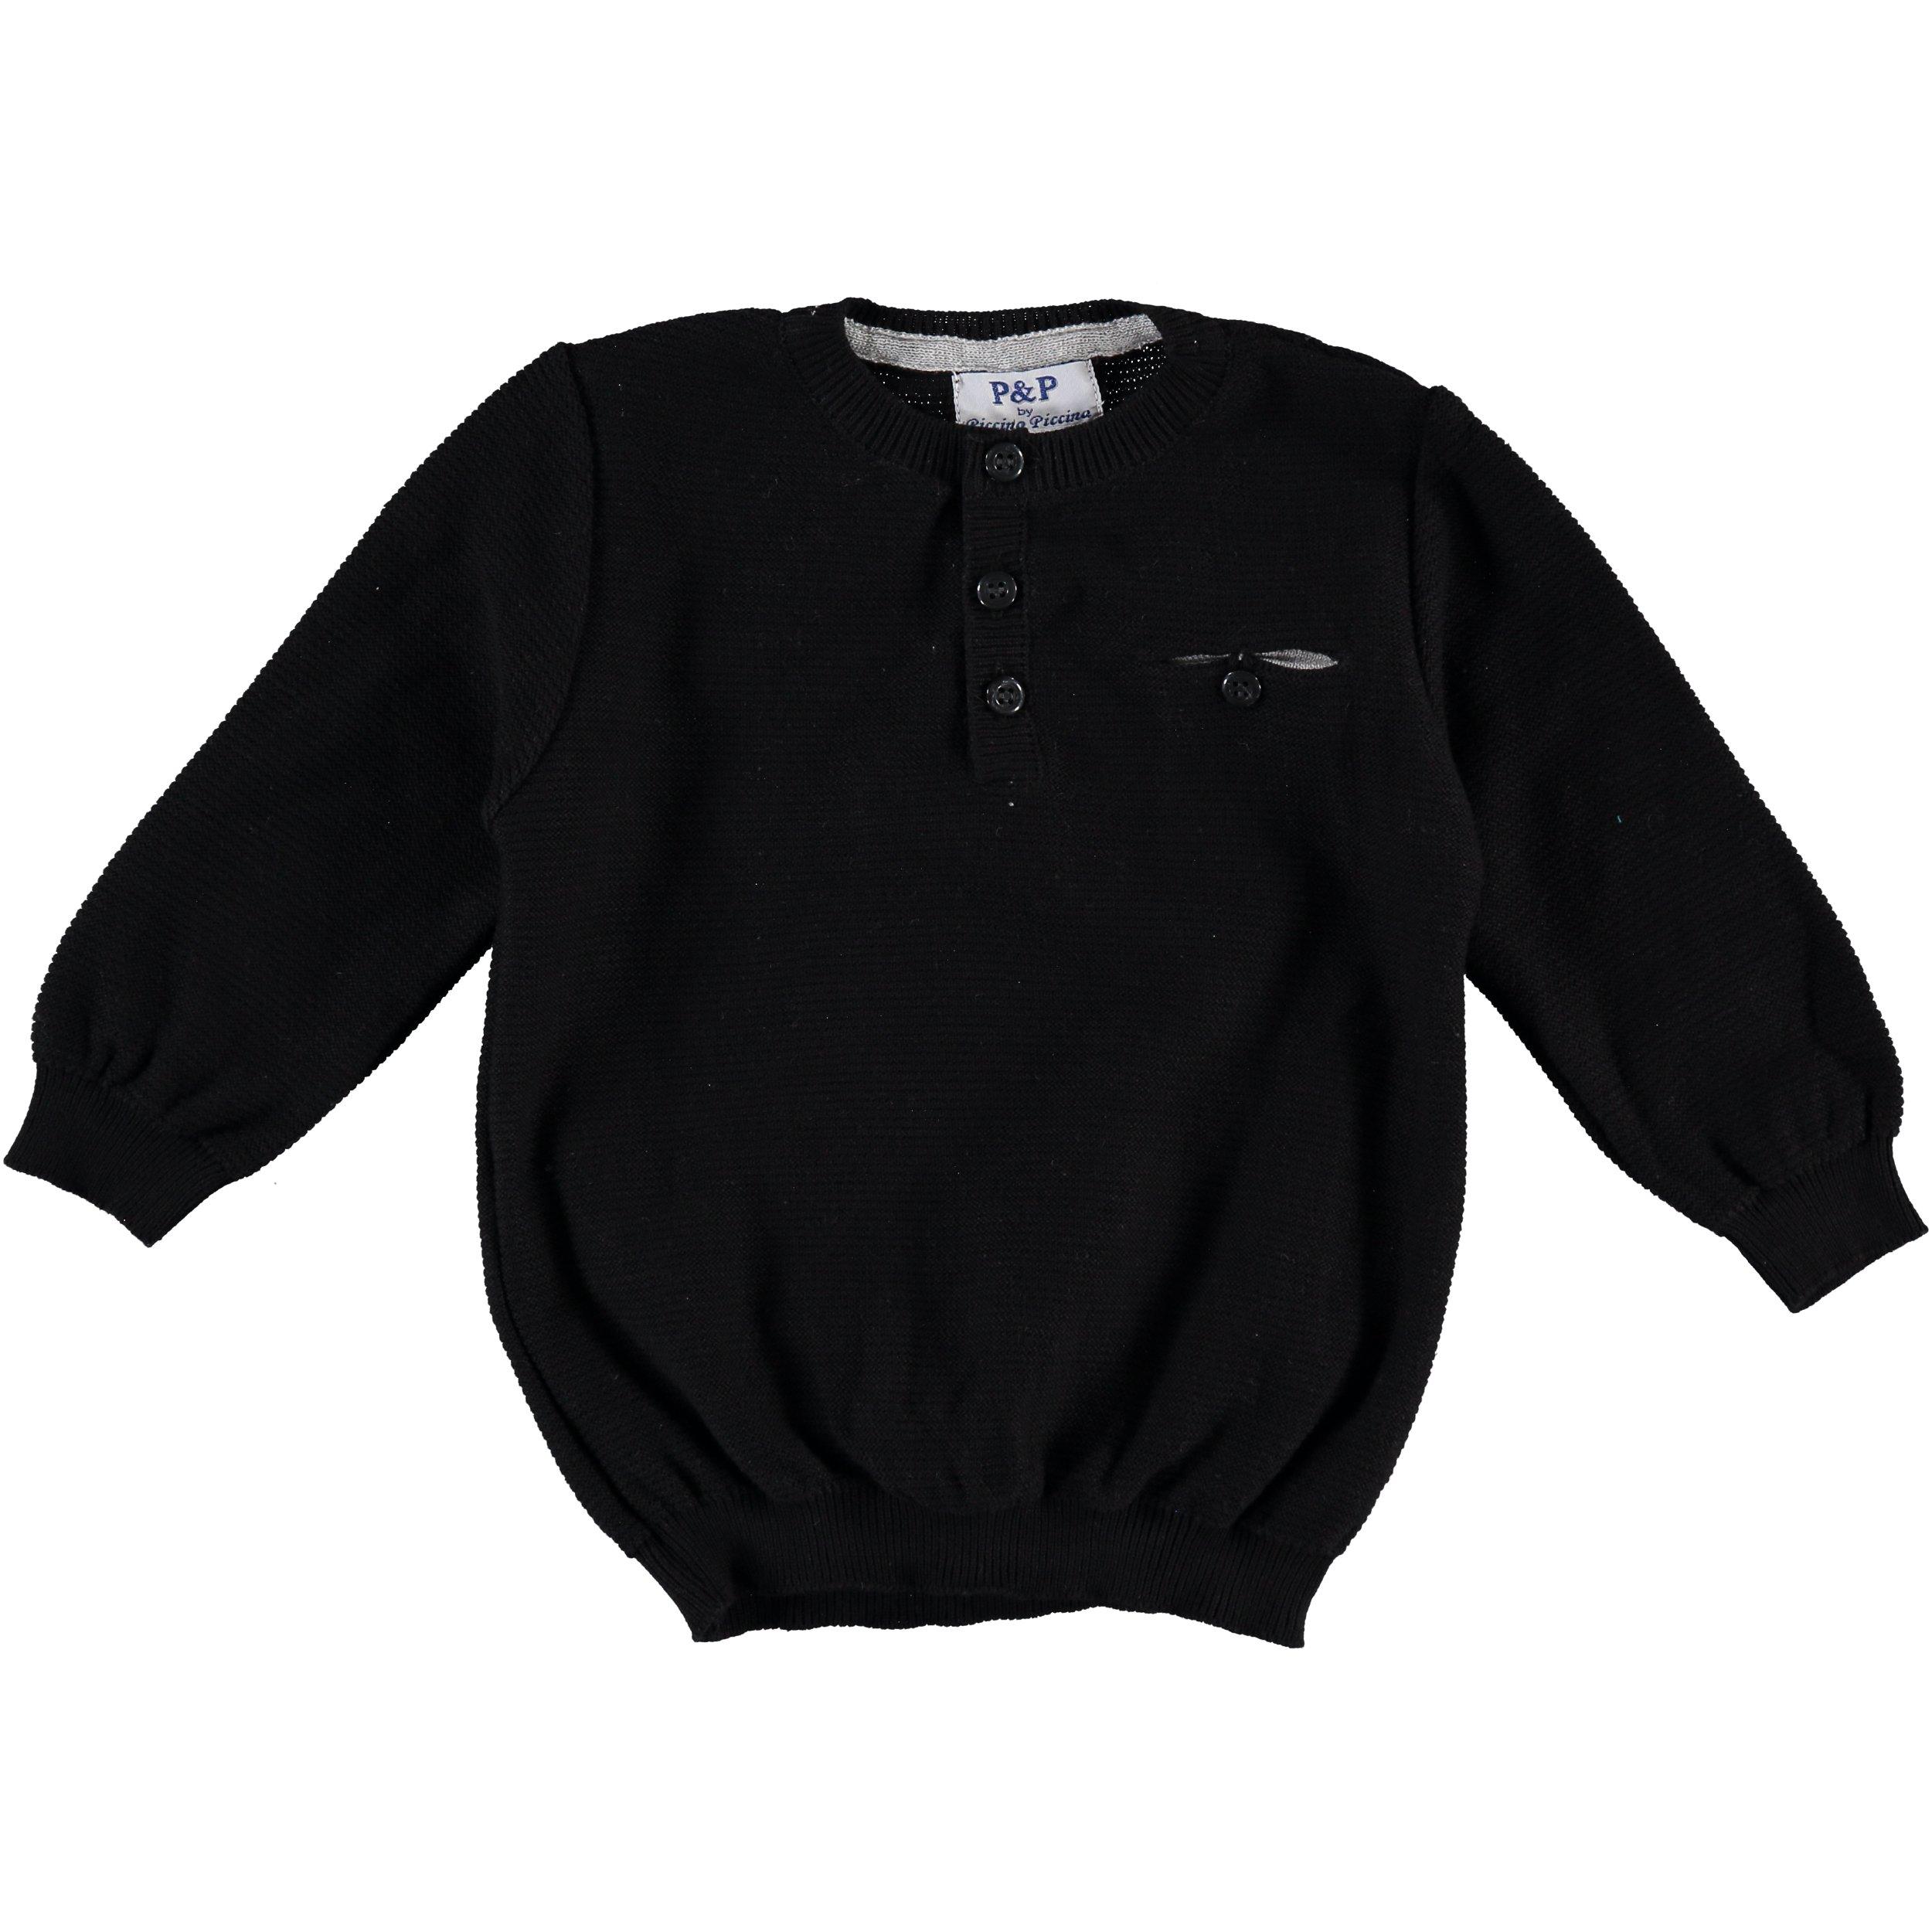 Piccino Piccina Boys Soft Black Dress Pullover Sweater